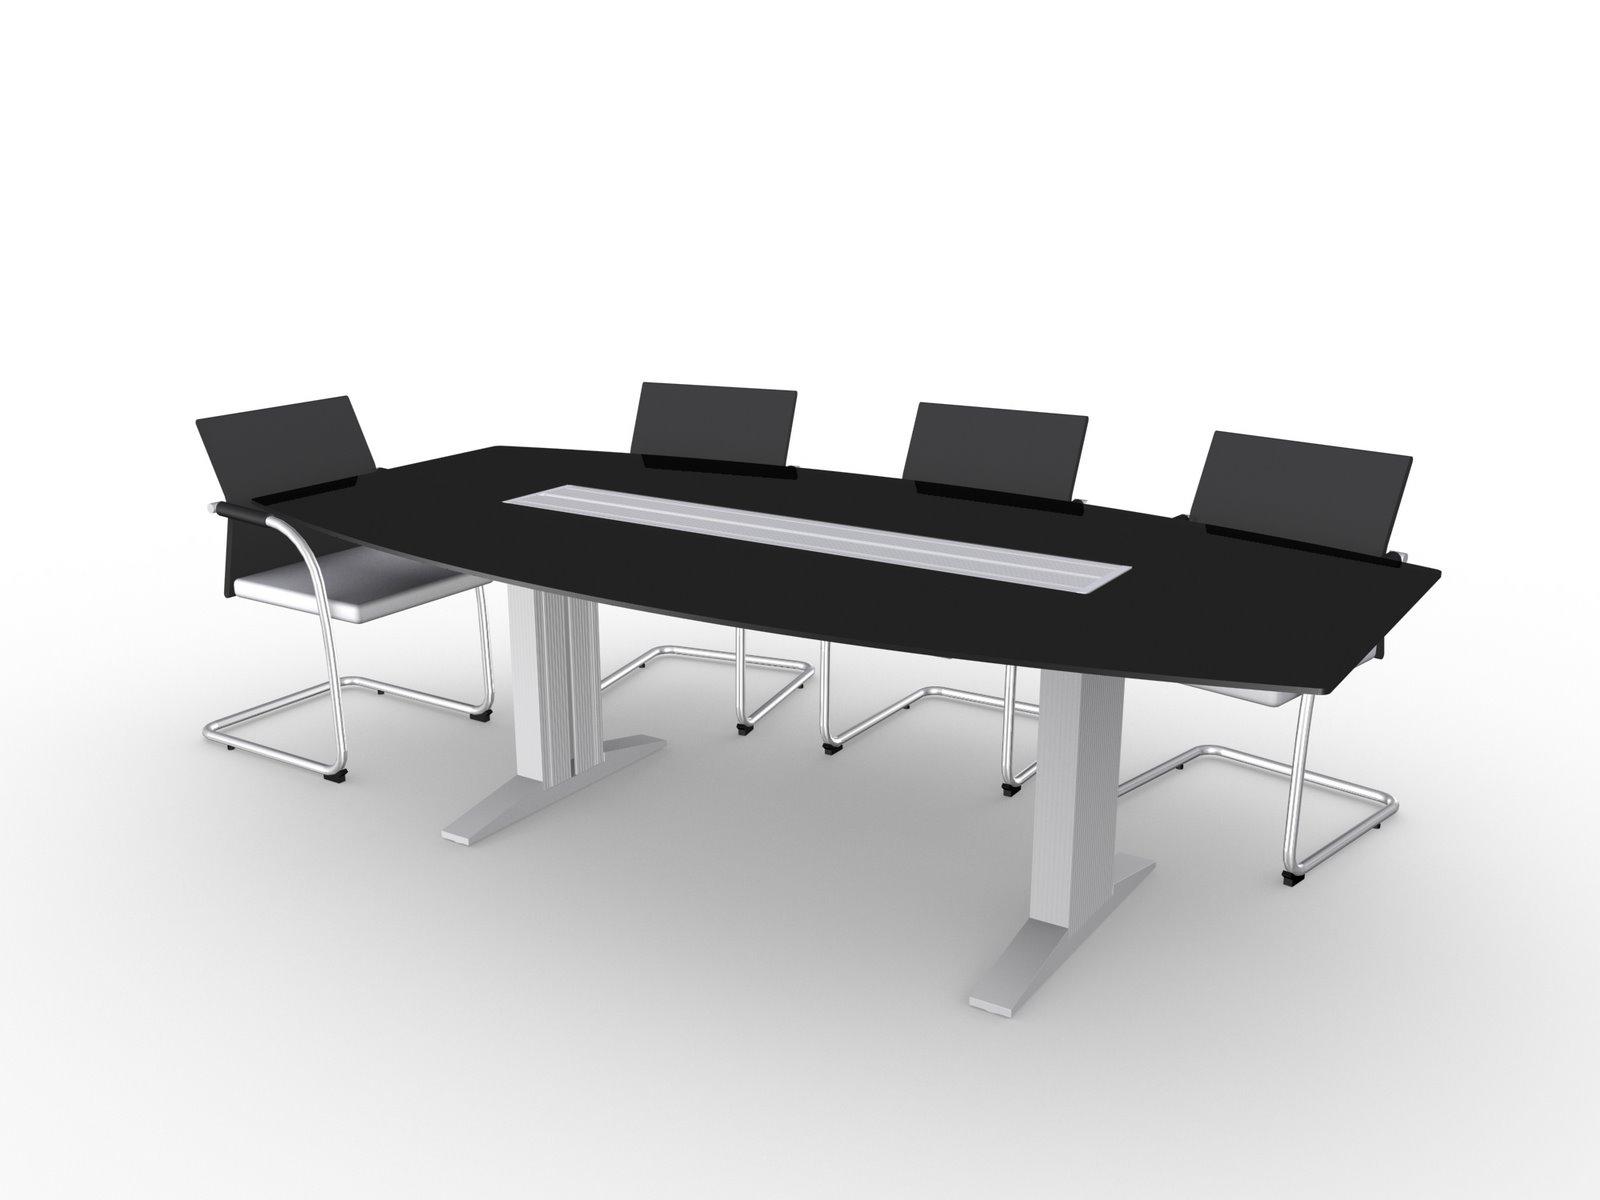 Mesa de reuniones mublex ecuador for Mesa de reuniones